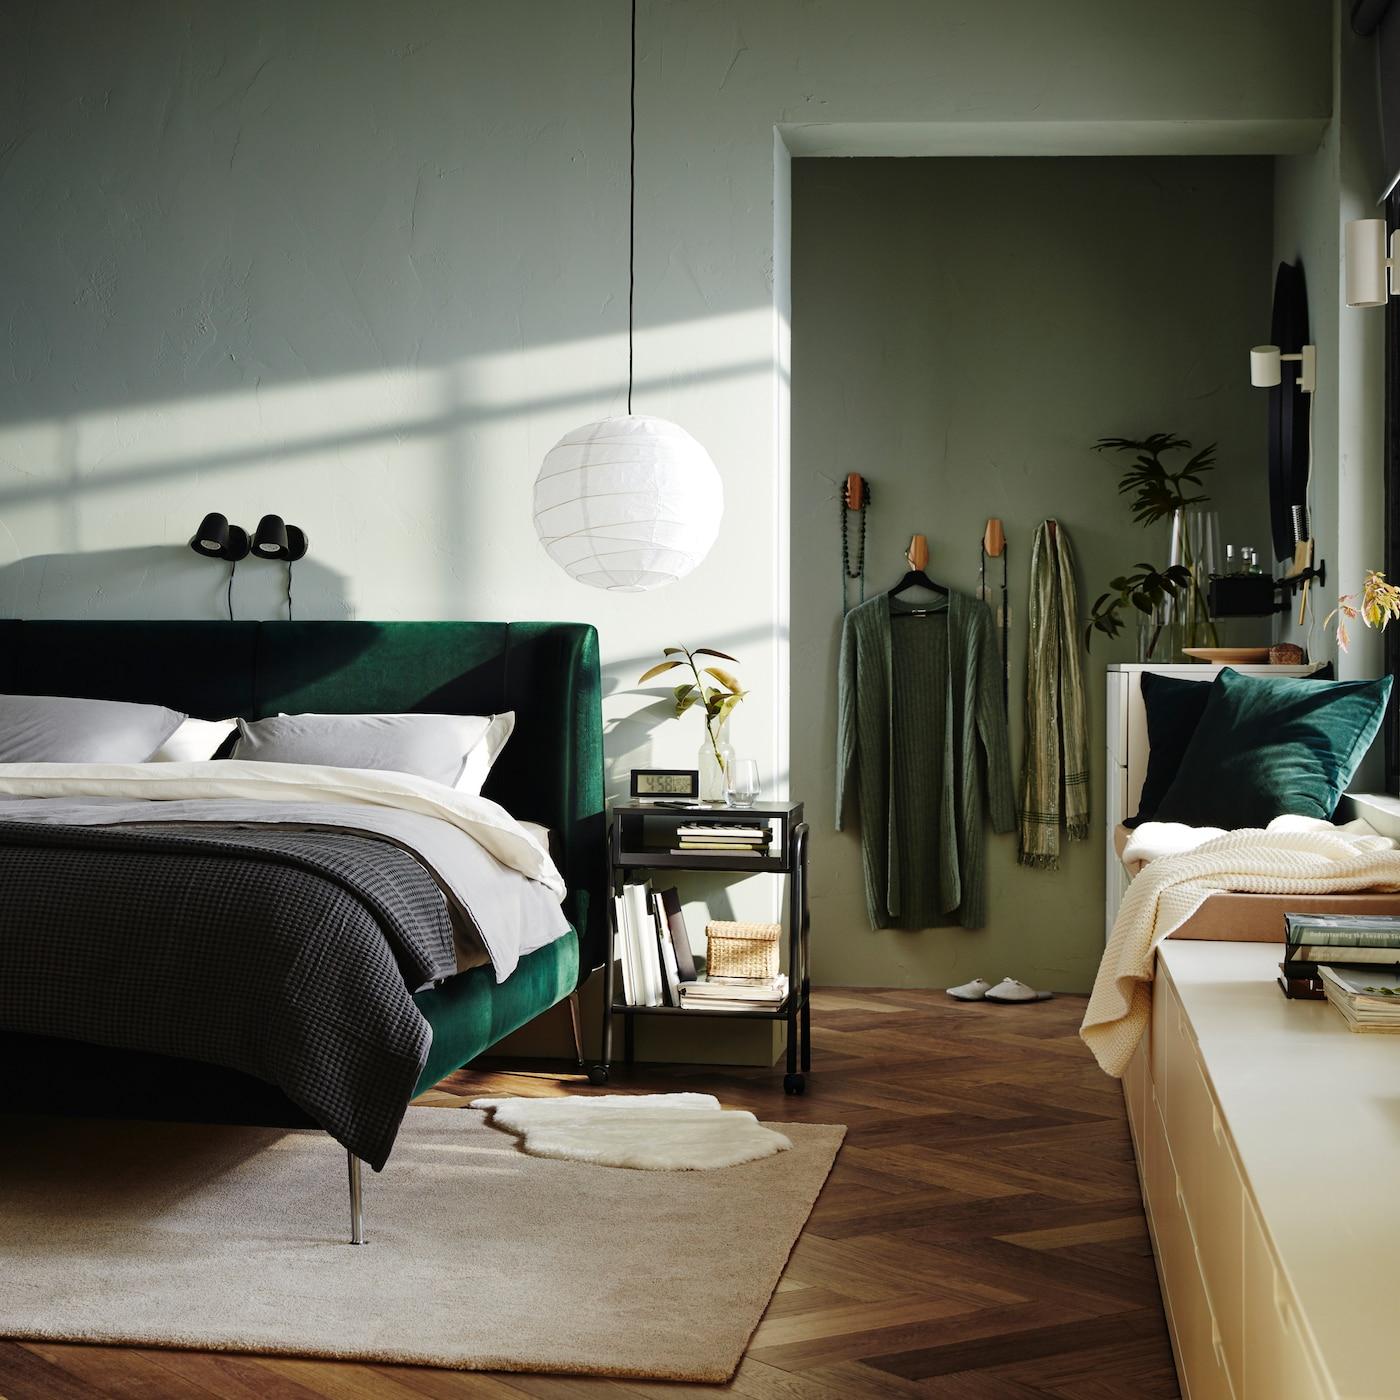 Buy Bedroom Furniture Online UAE - IKEA